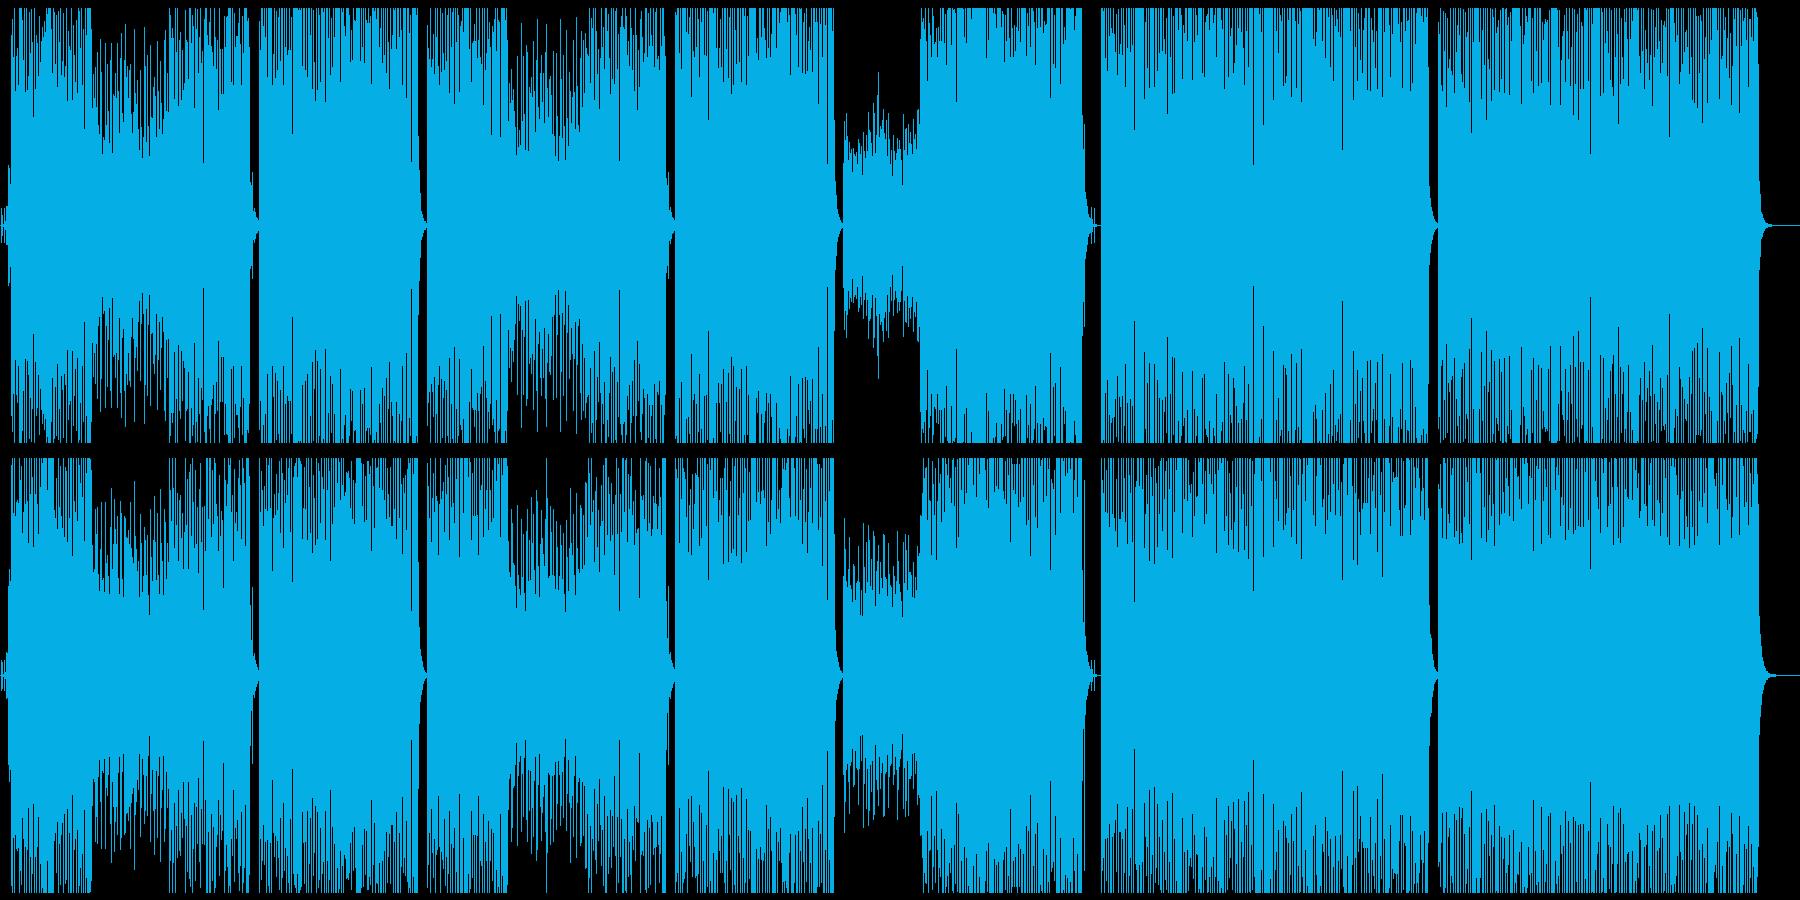 ビッグバンドジャズ//ピアノ/サックスの再生済みの波形